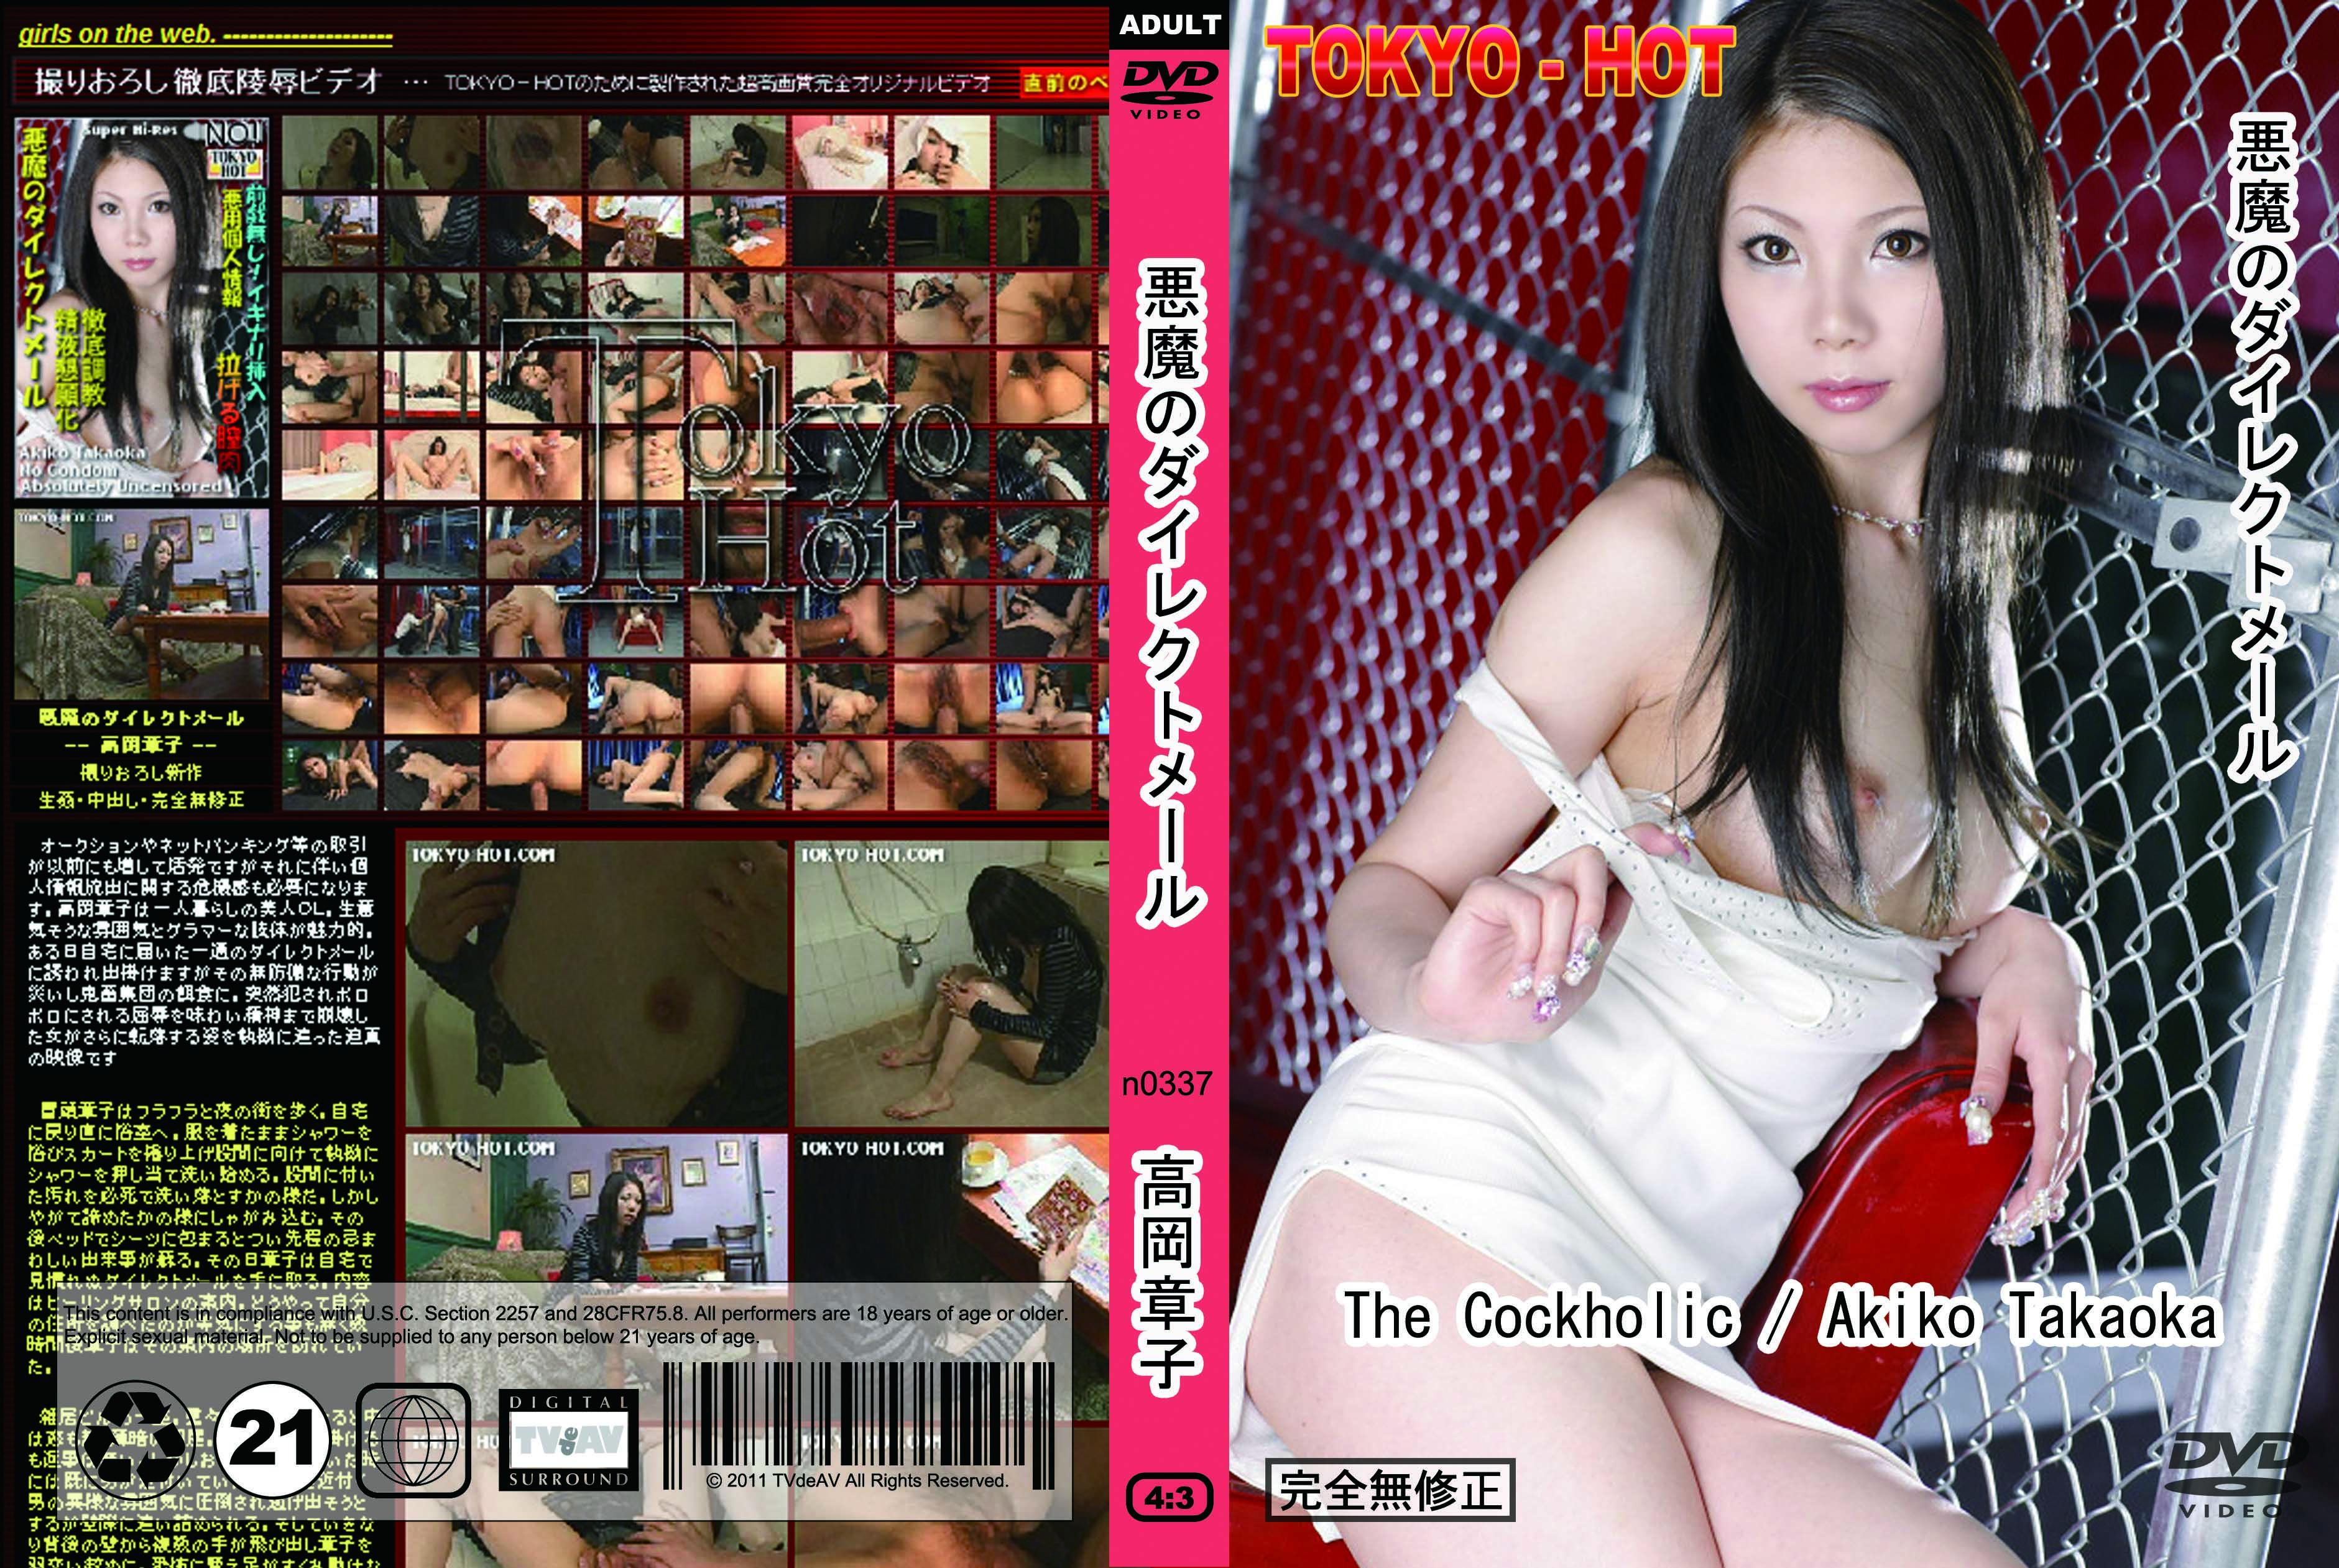 tokyo-hot-n0337-cd1-悪魔のダイレクトメール